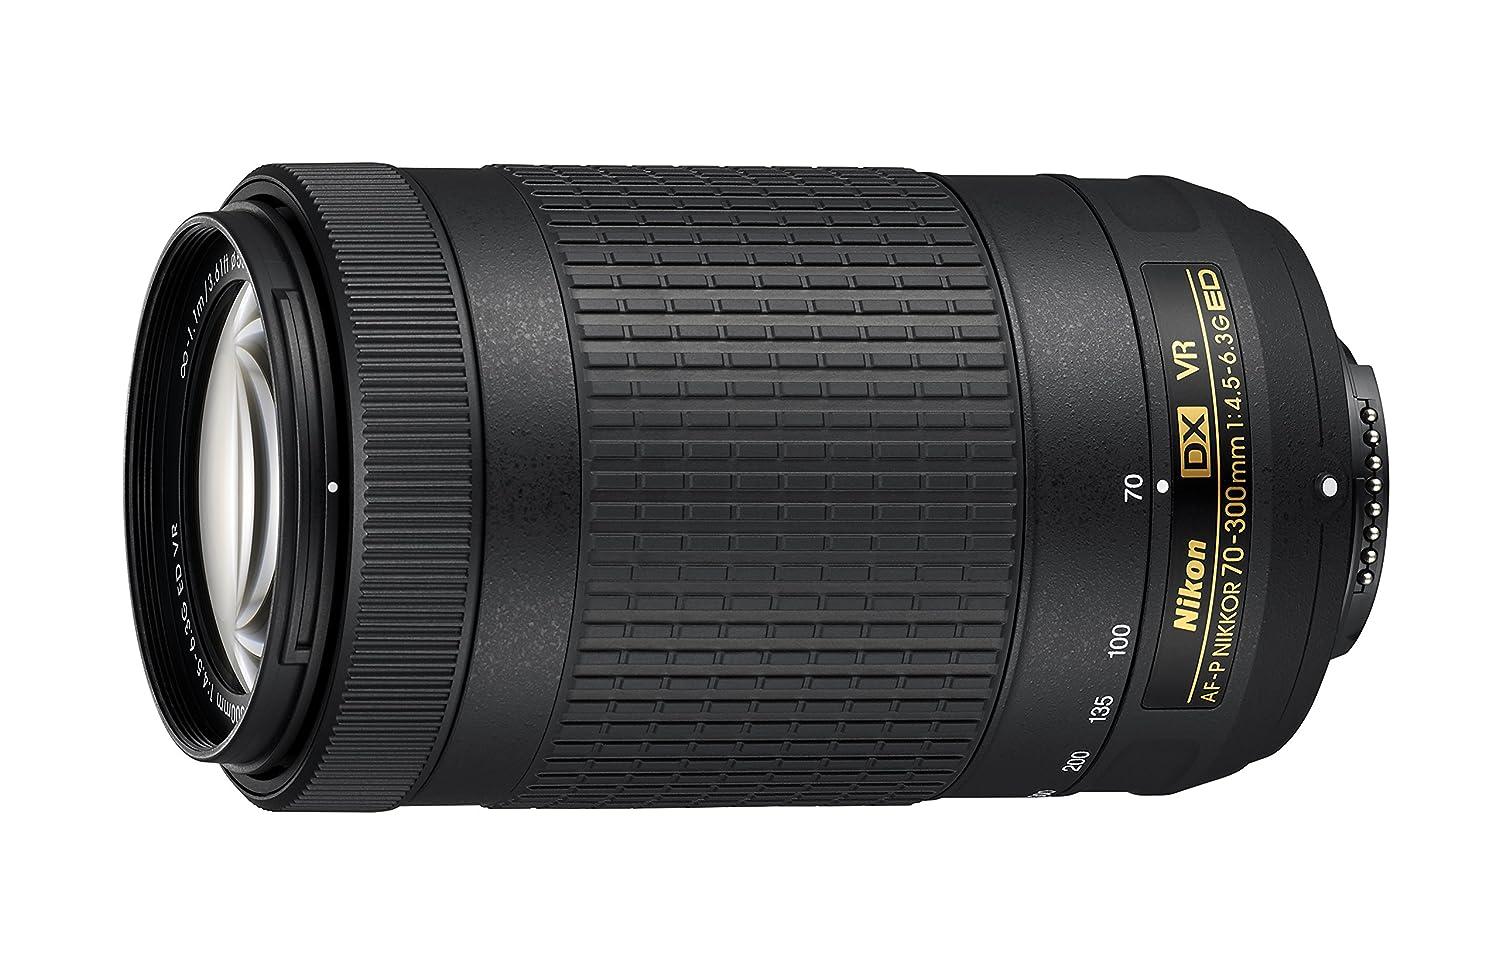 Nikon telephoto Zoom Lens AF-P DX NIKKOR 70-300mm f / 4.5-6.3G ED VR for Nikon DX Format only